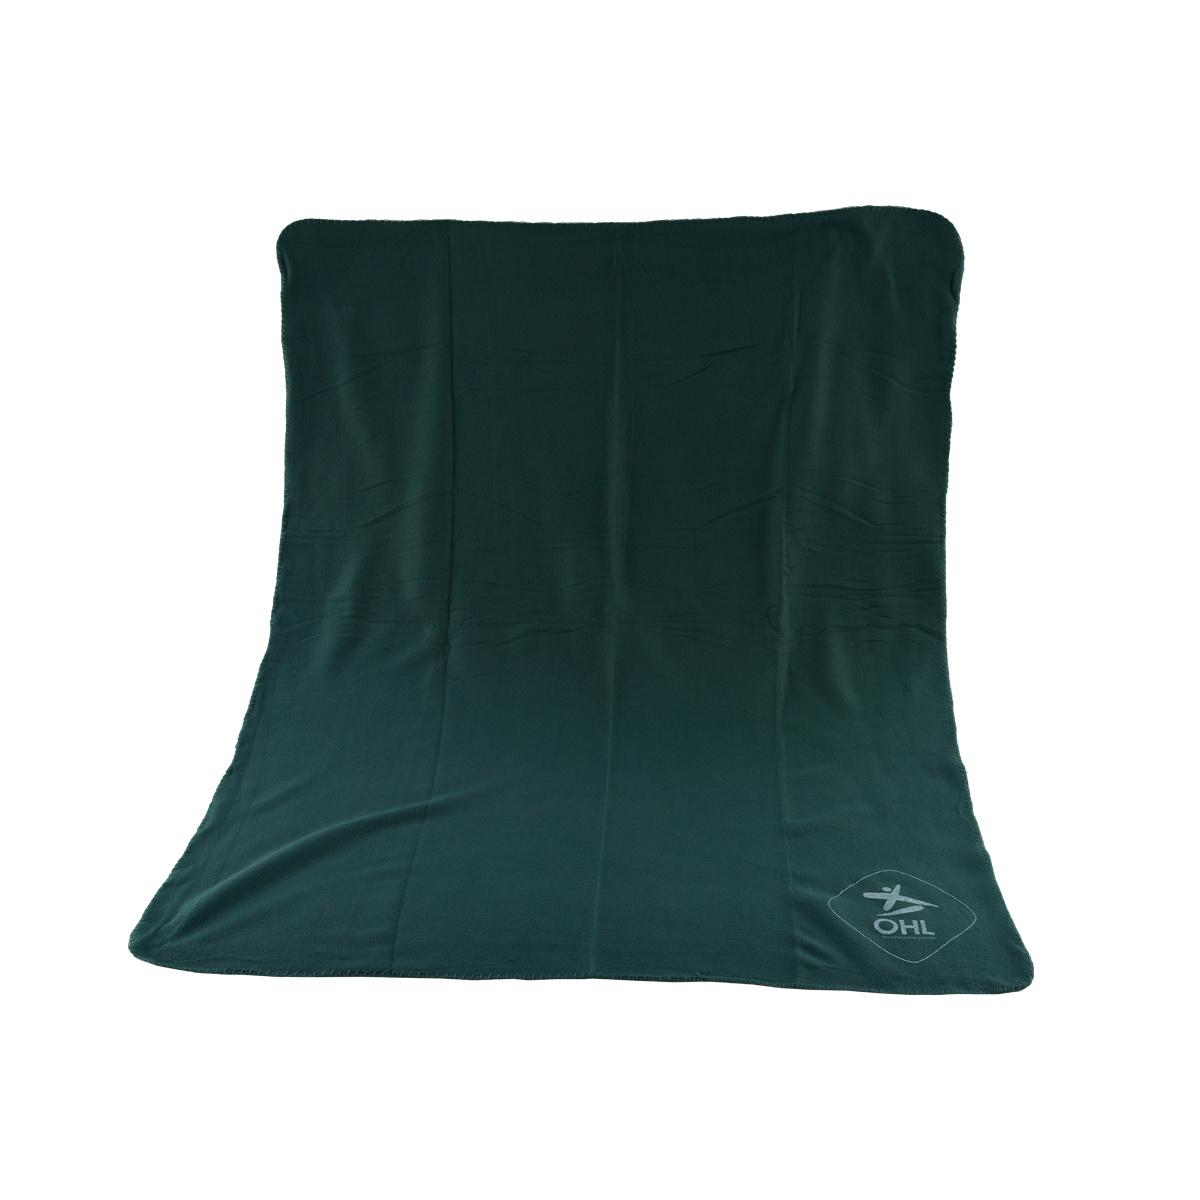 Topfanz Fleece deken groen